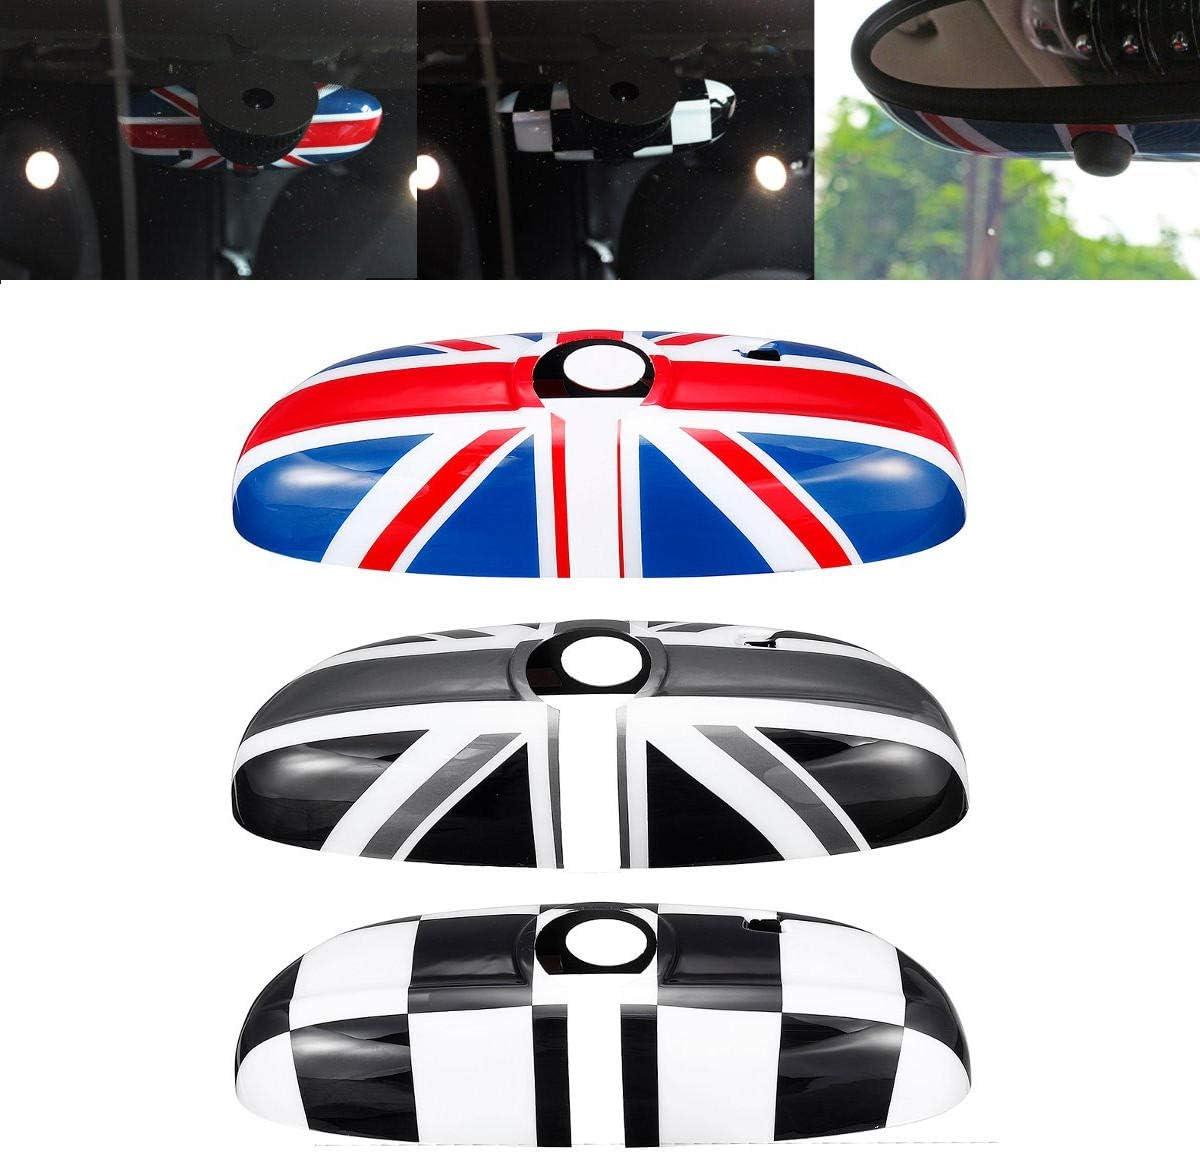 Funda para espejo retrovisor interior de coche con bandera del Reino Unido para BMW Mini Cooper F55 F56 F54 F60 versi/ón de gama alta